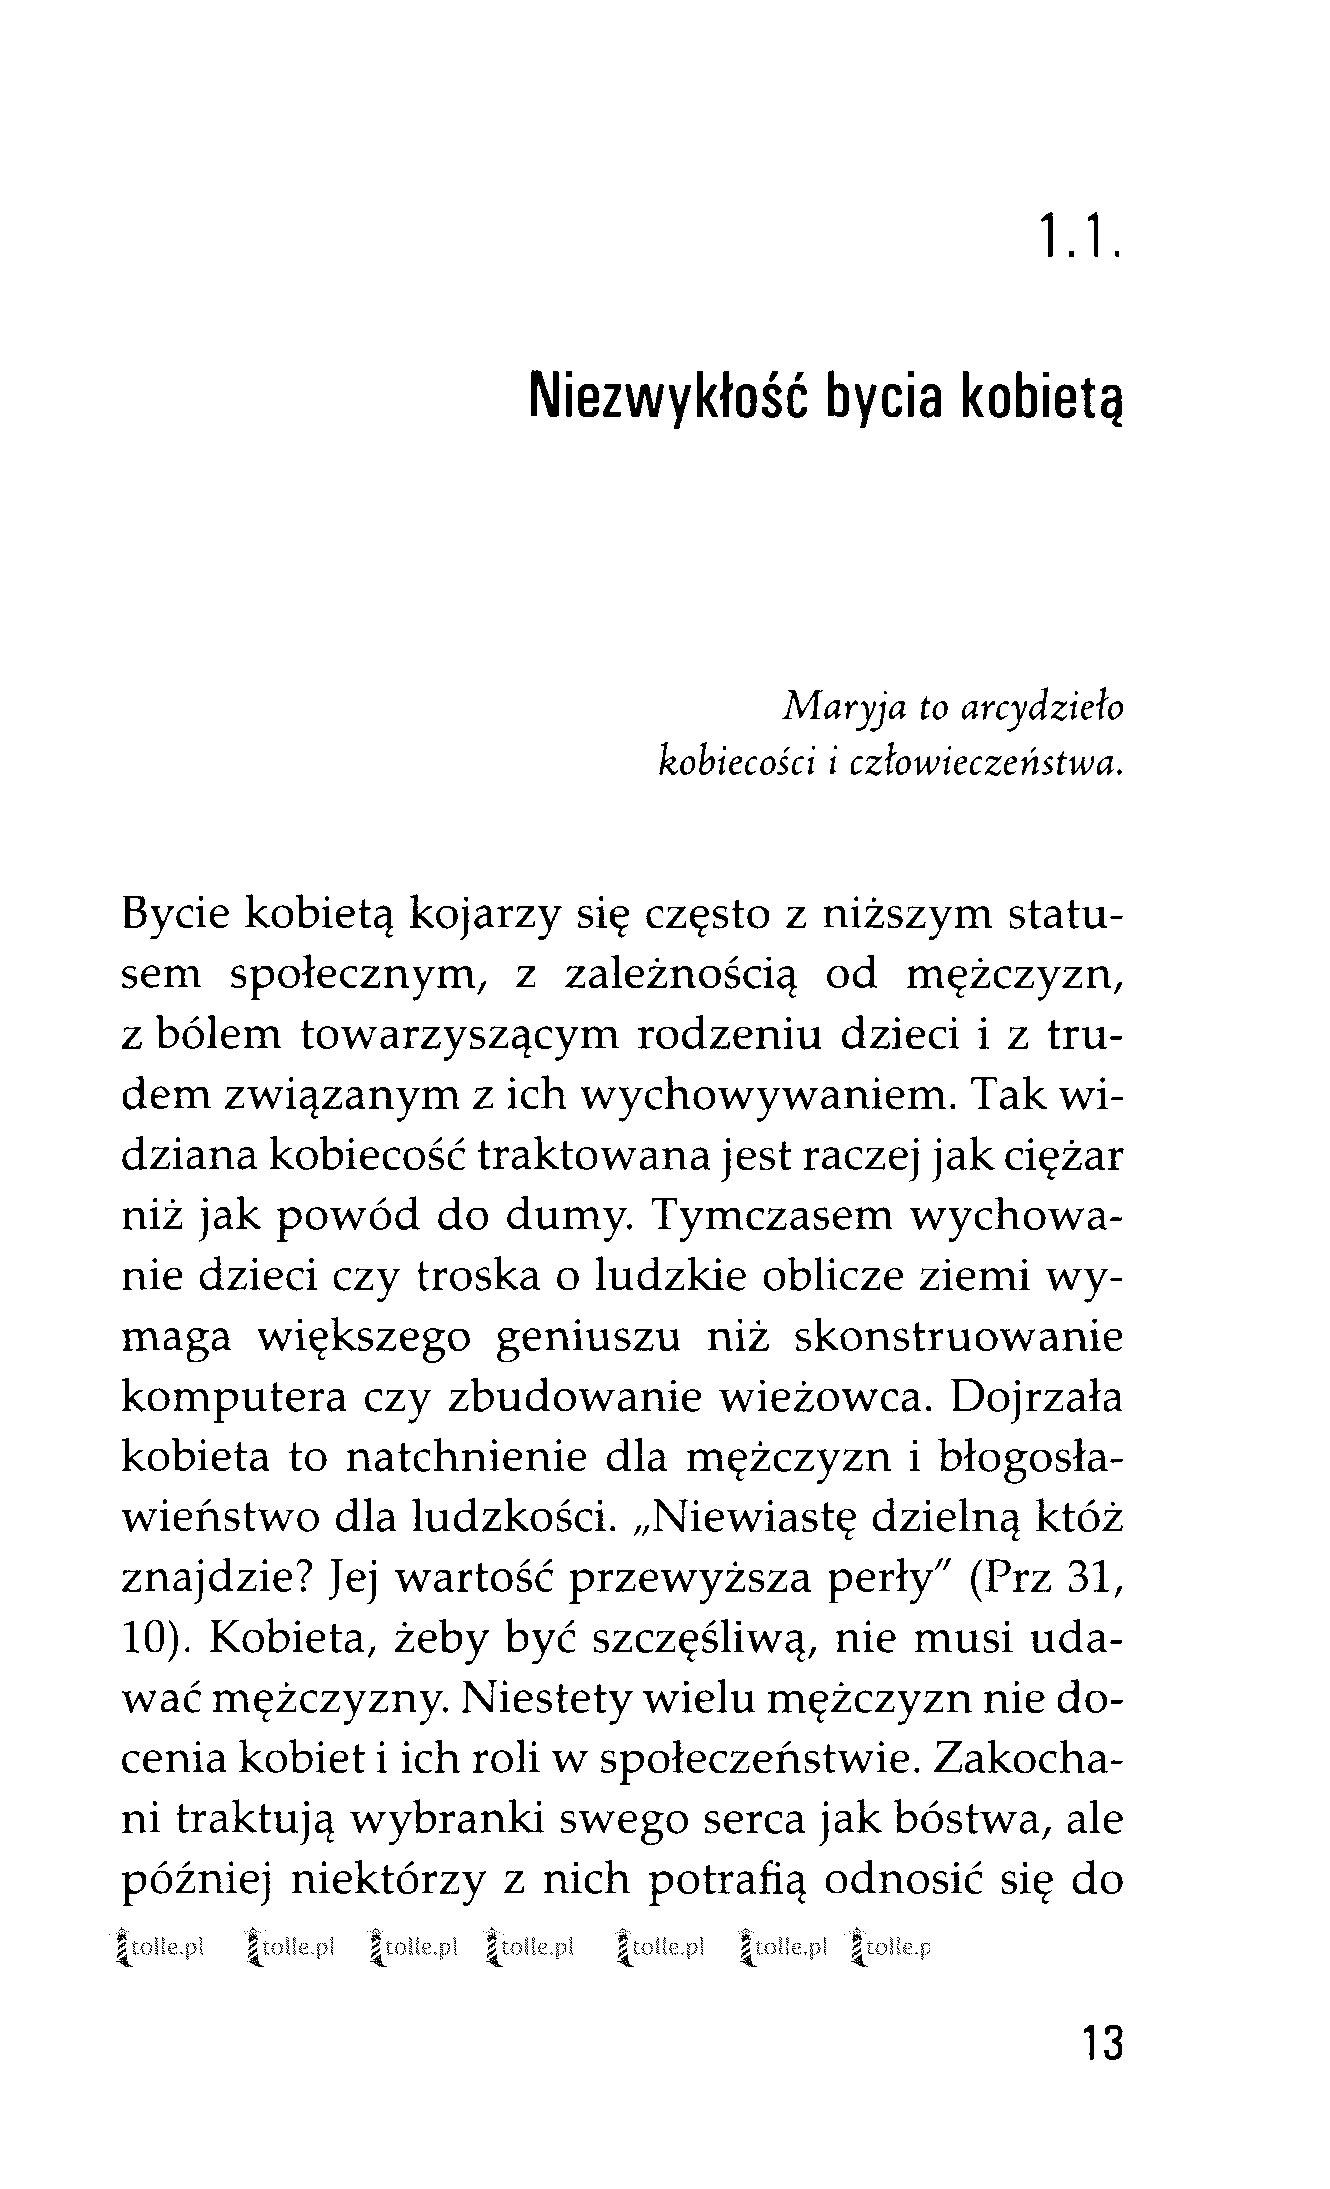 Ona, on i miłość - Klub Książki Tolle.pl